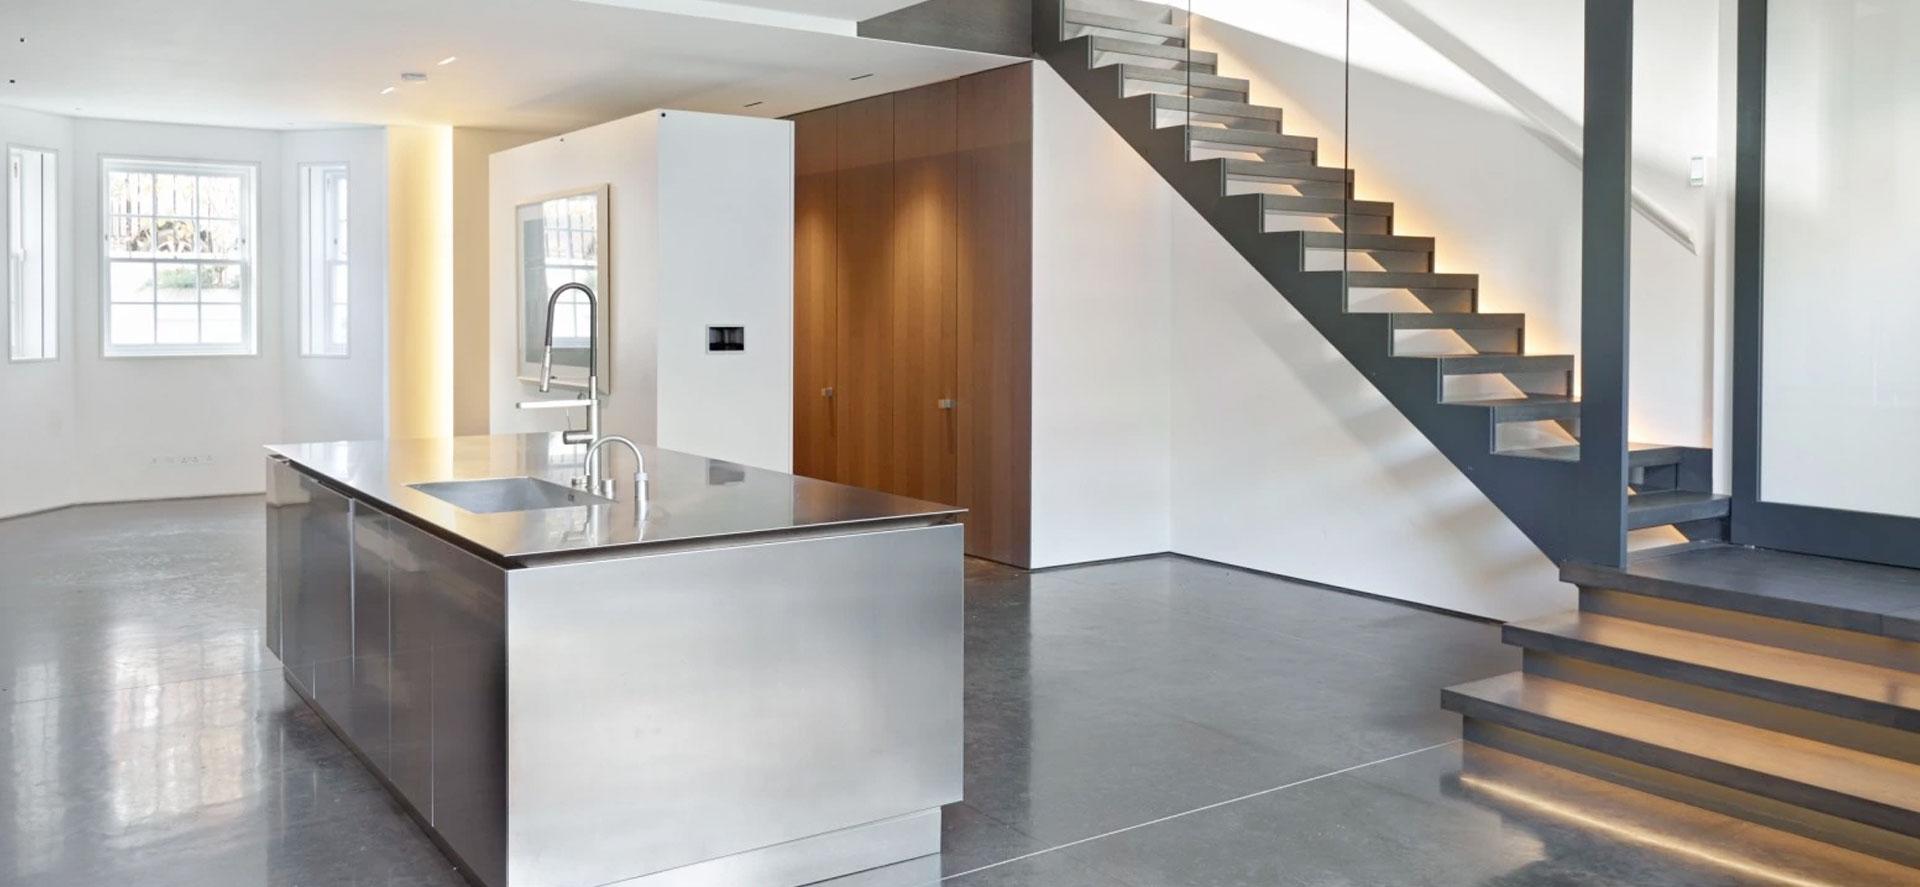 Das Boffi – innovatives Design in Küche und Bad – stylus Köln